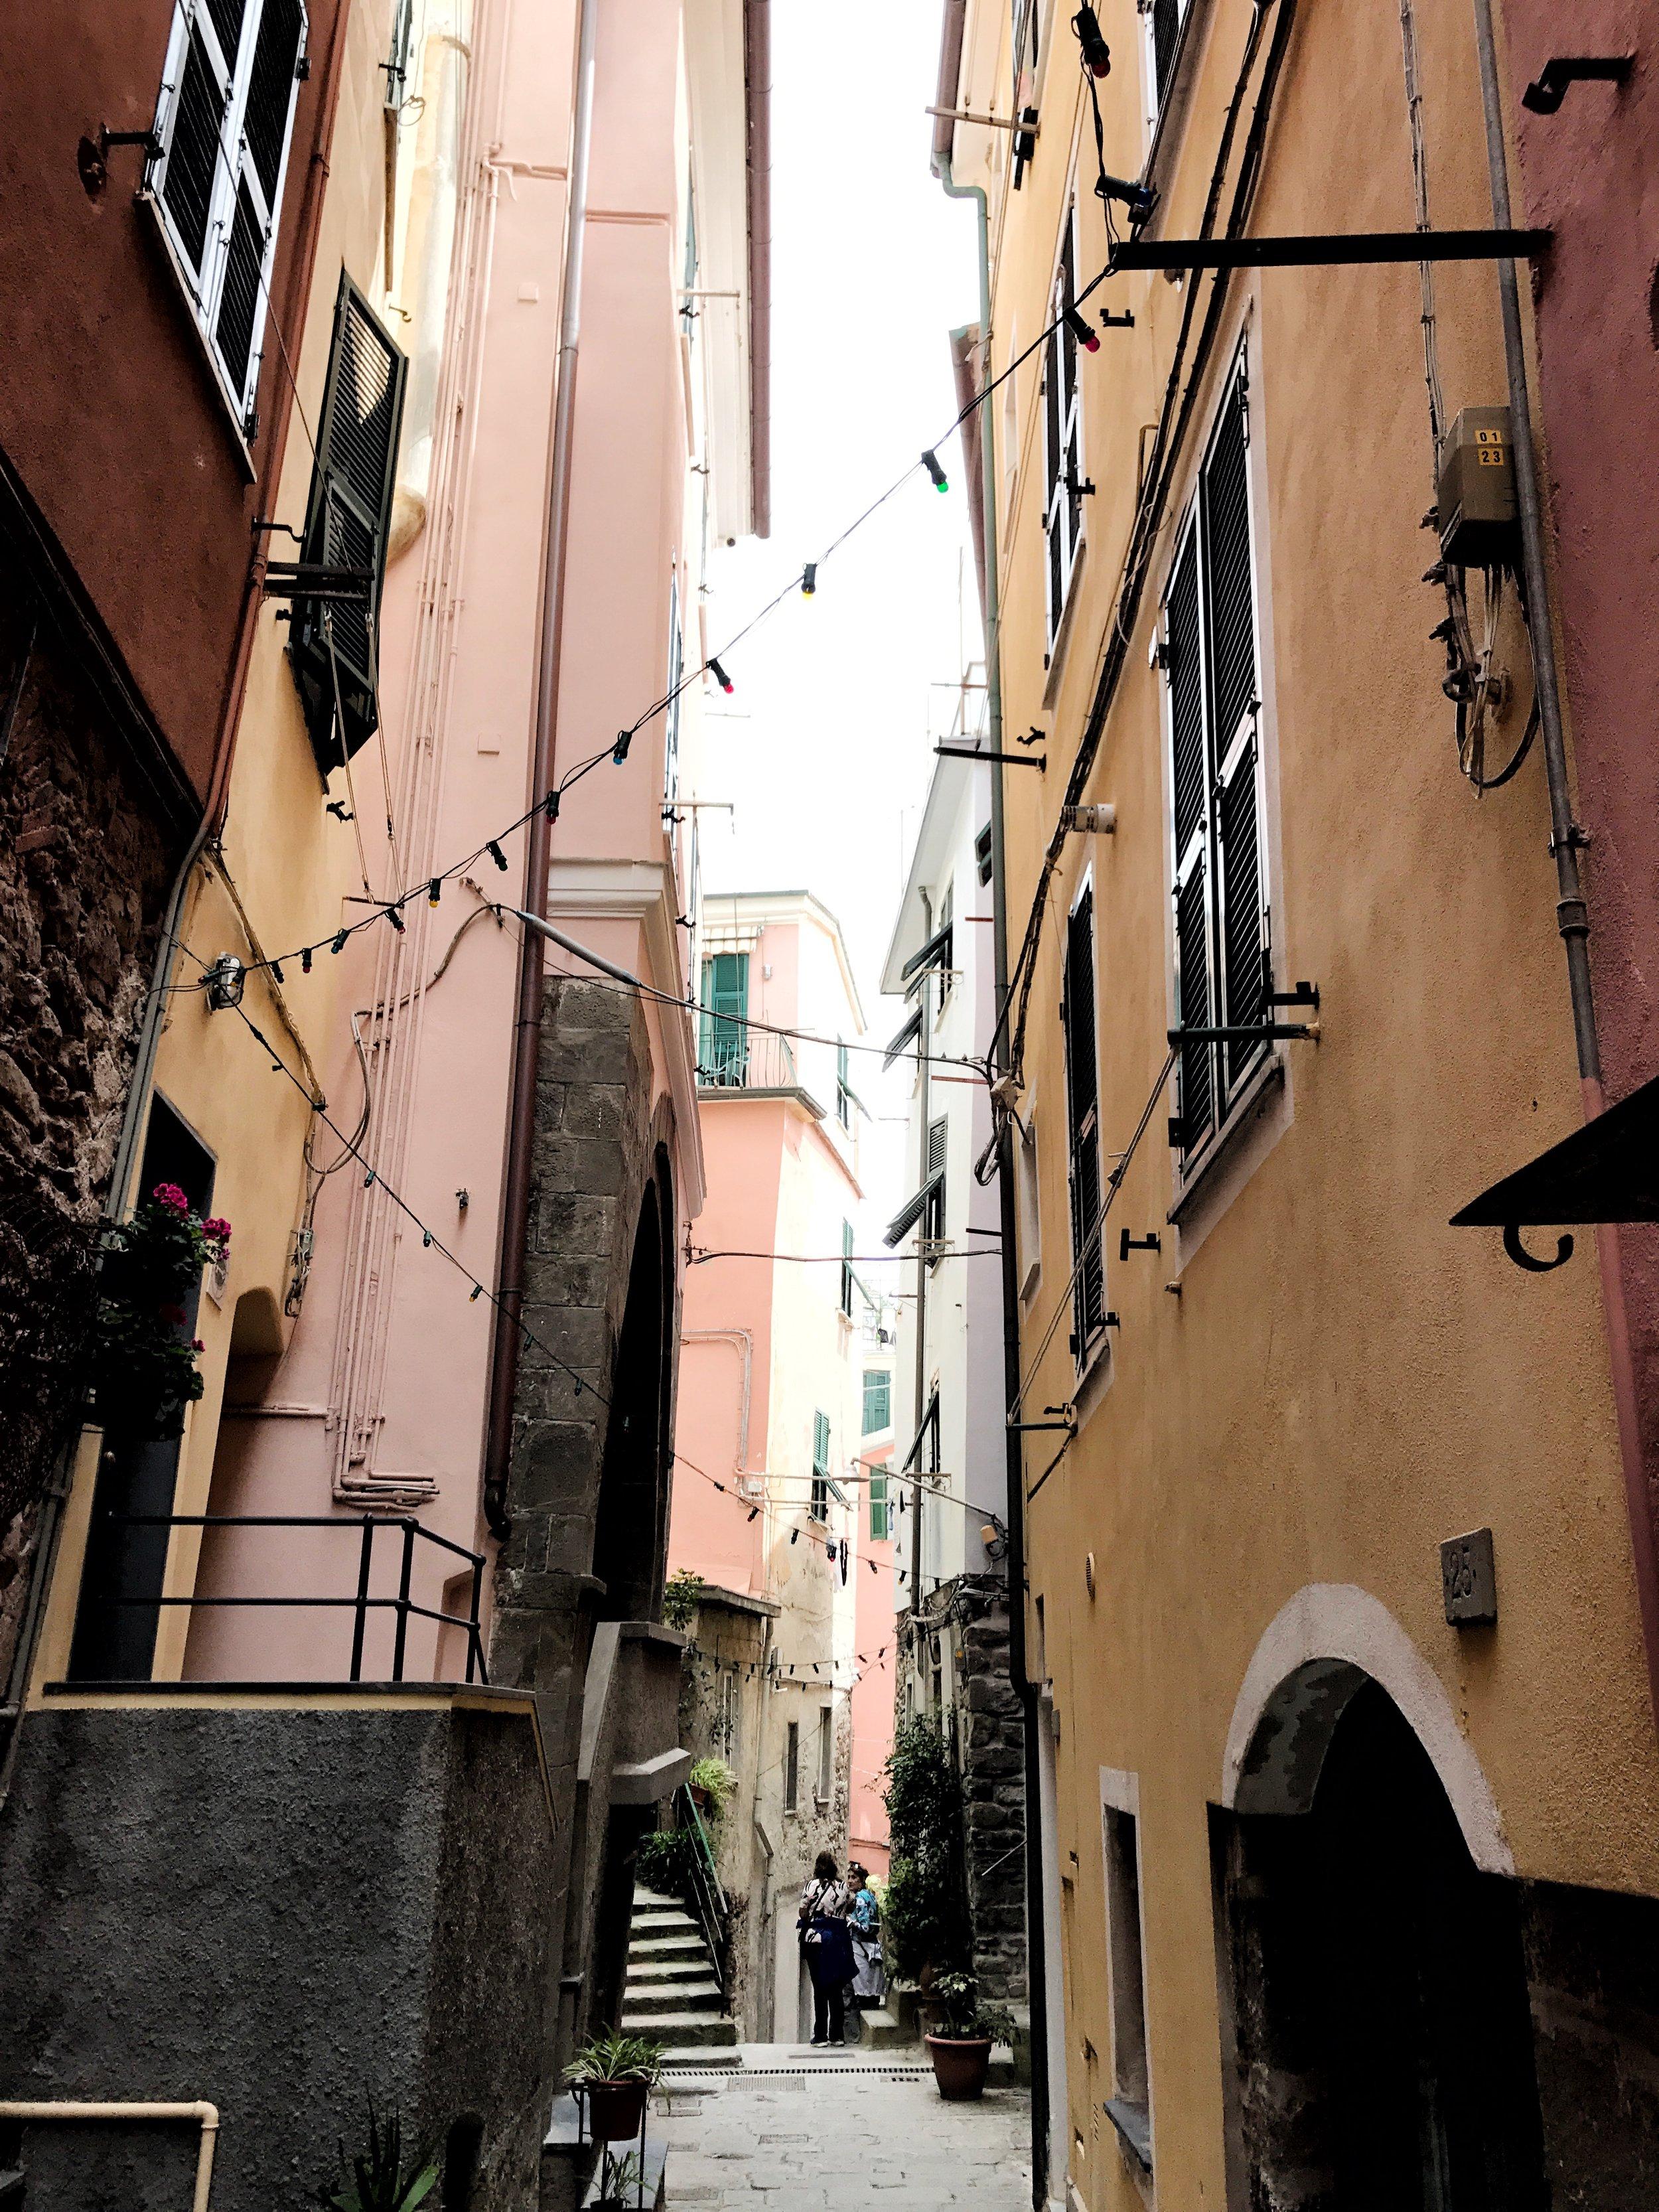 Streets of Vernazza, Cinque Terre, Italy